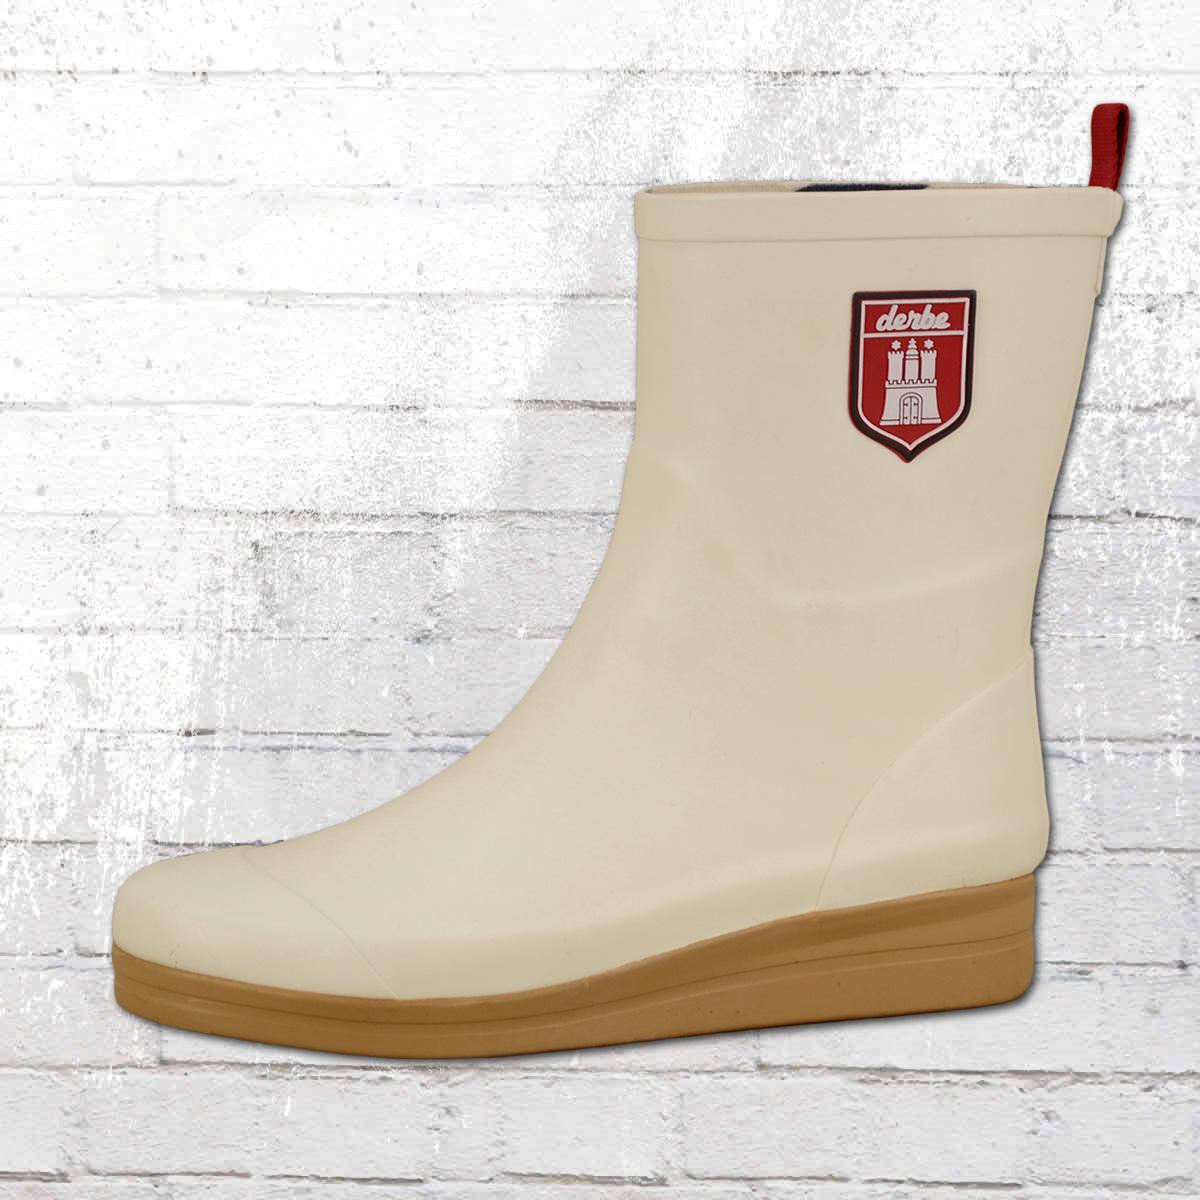 sports shoes c88d1 23885 Jetzt bestellen | Derbe Frauen Gummistiefel ...